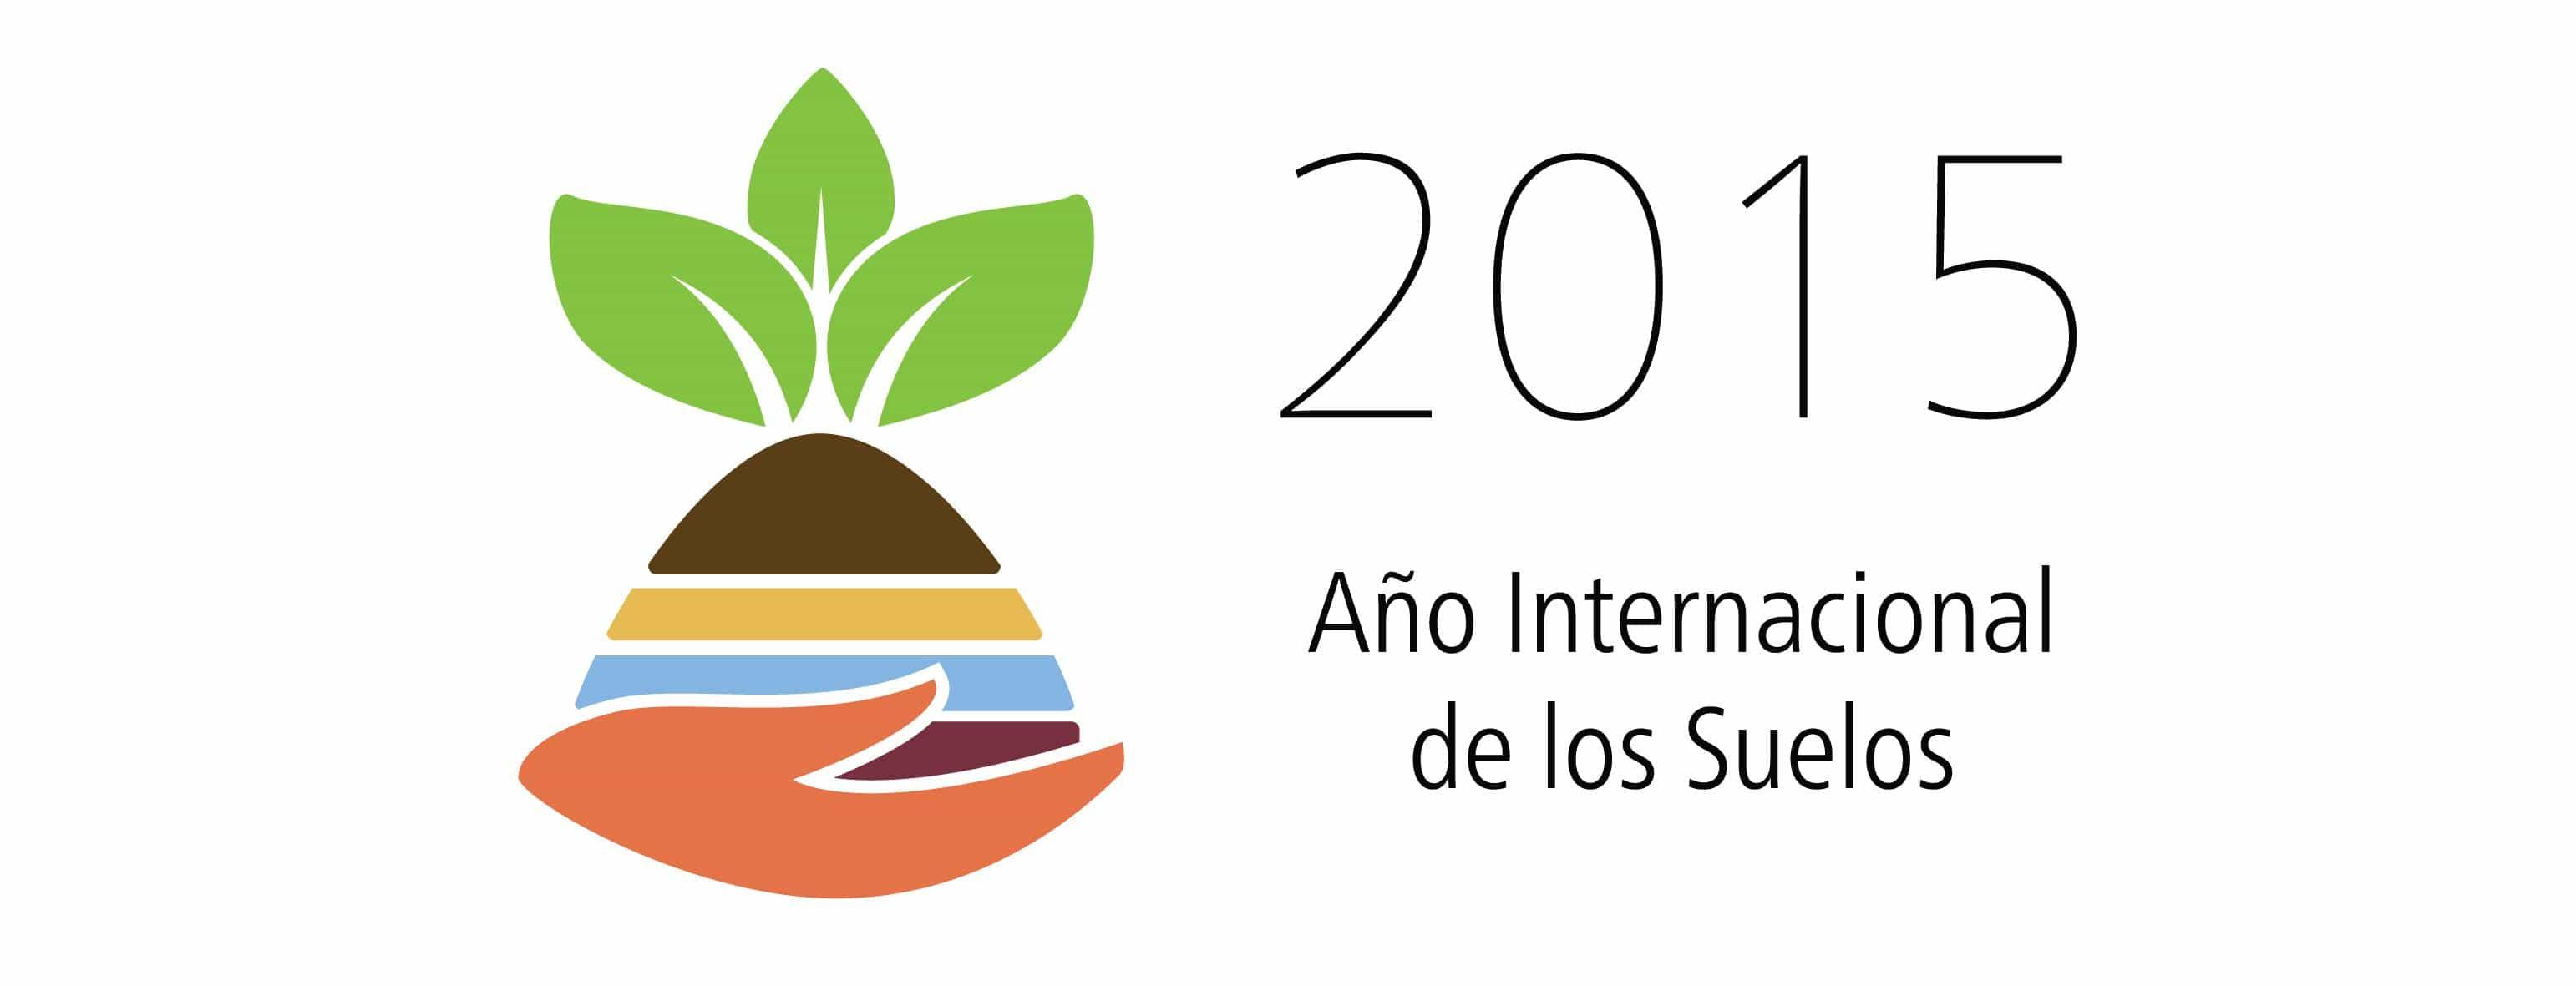 2015 año internacional de los suelos